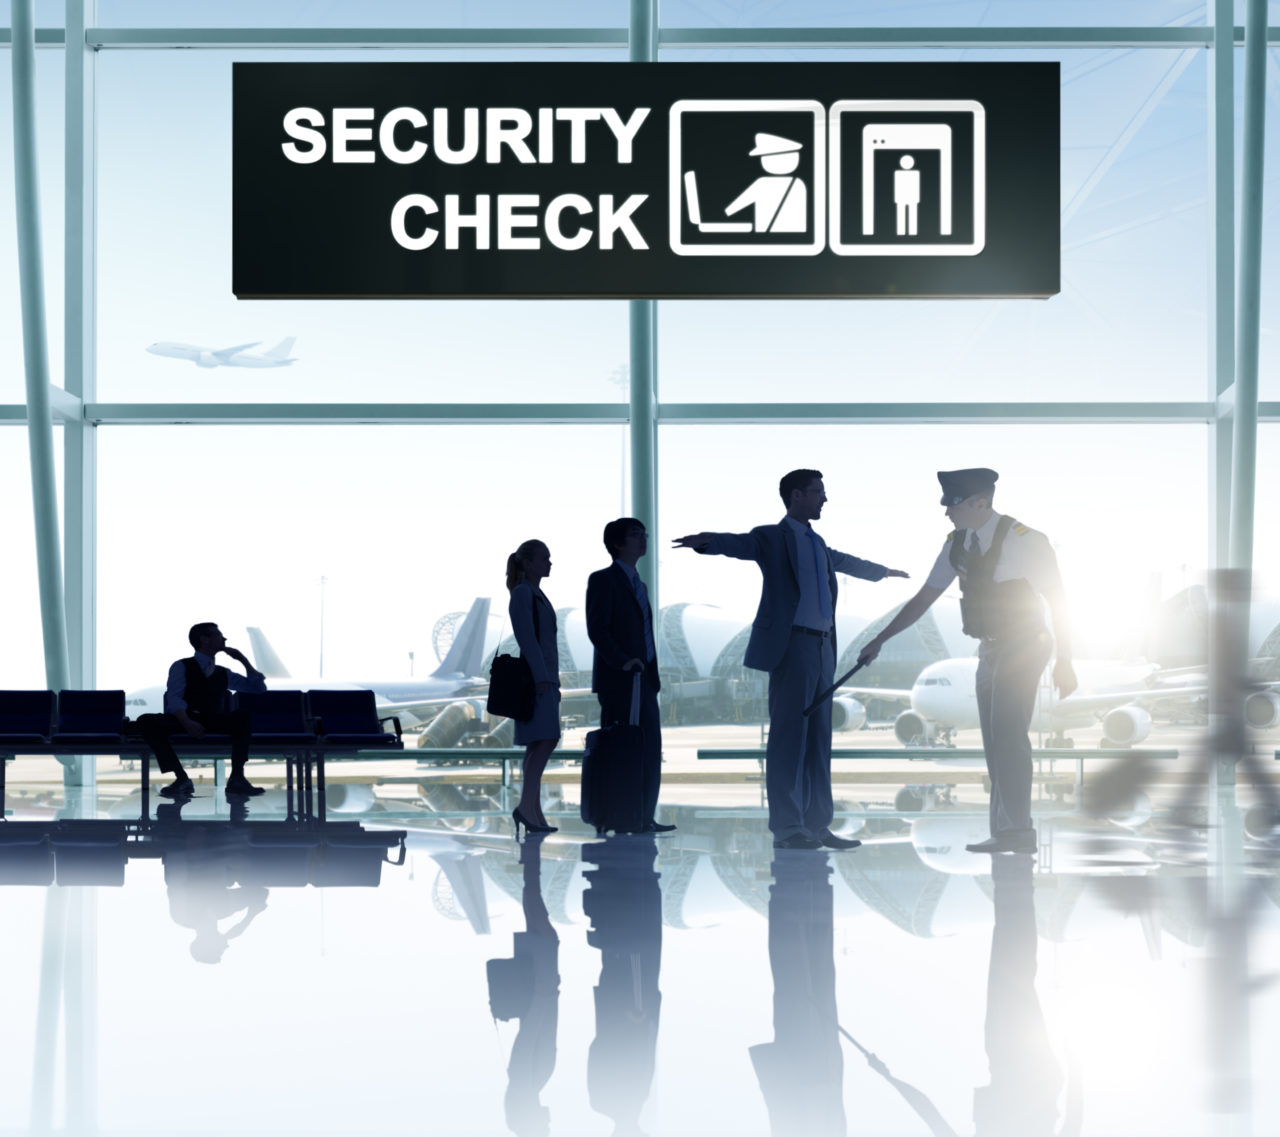 formation aeroportuaire